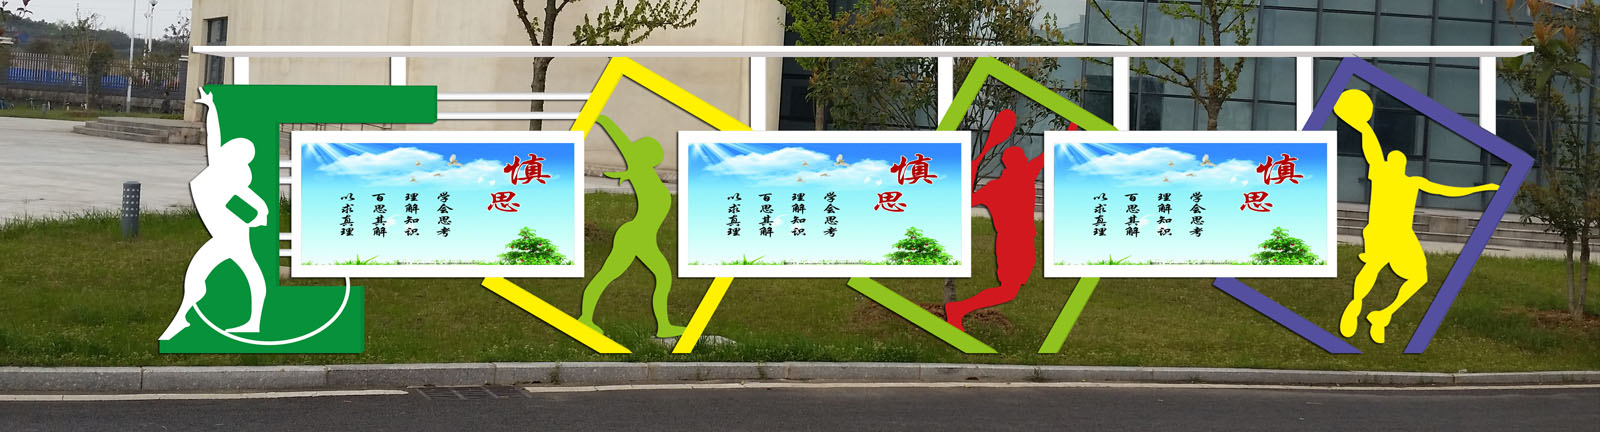 内江公交候车亭